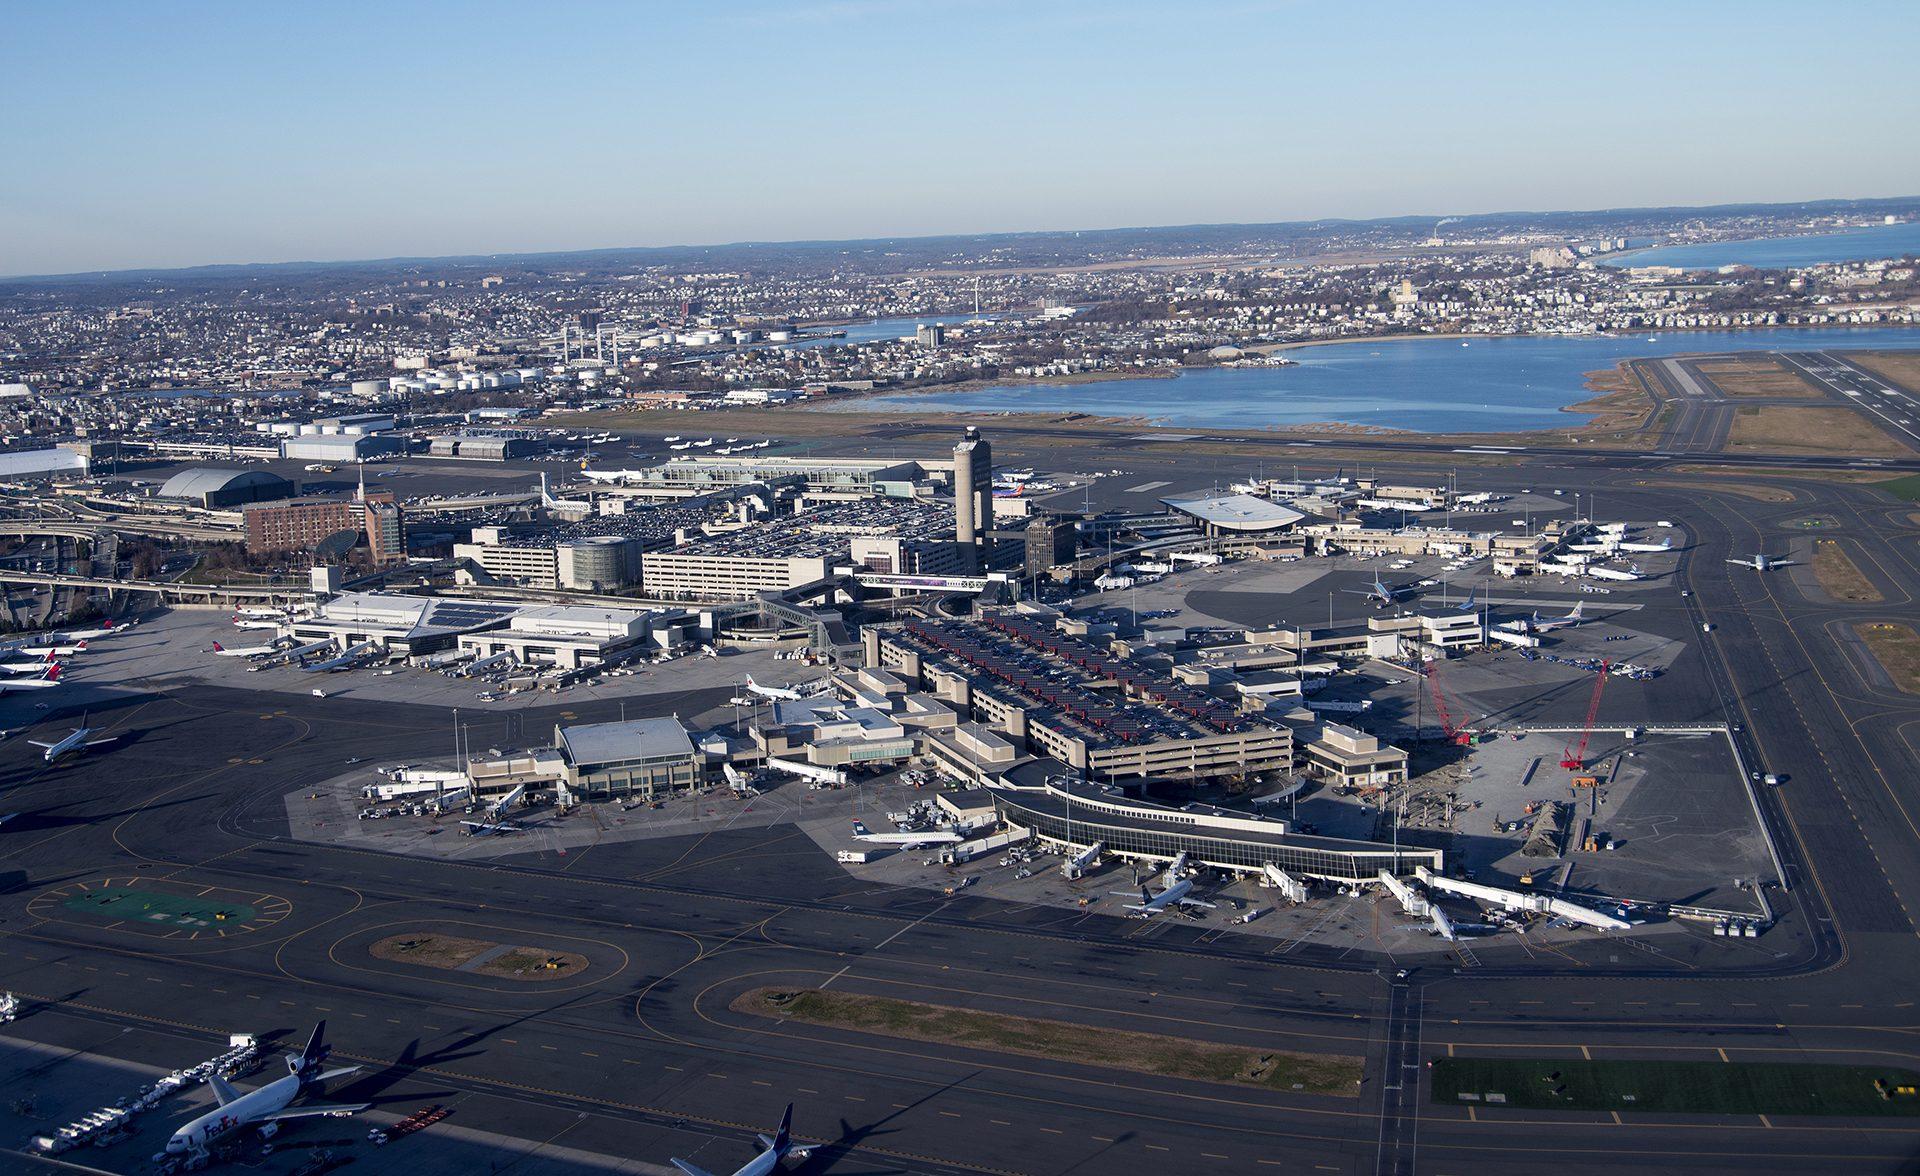 American Airlines at Terminal B of Logan International Airport